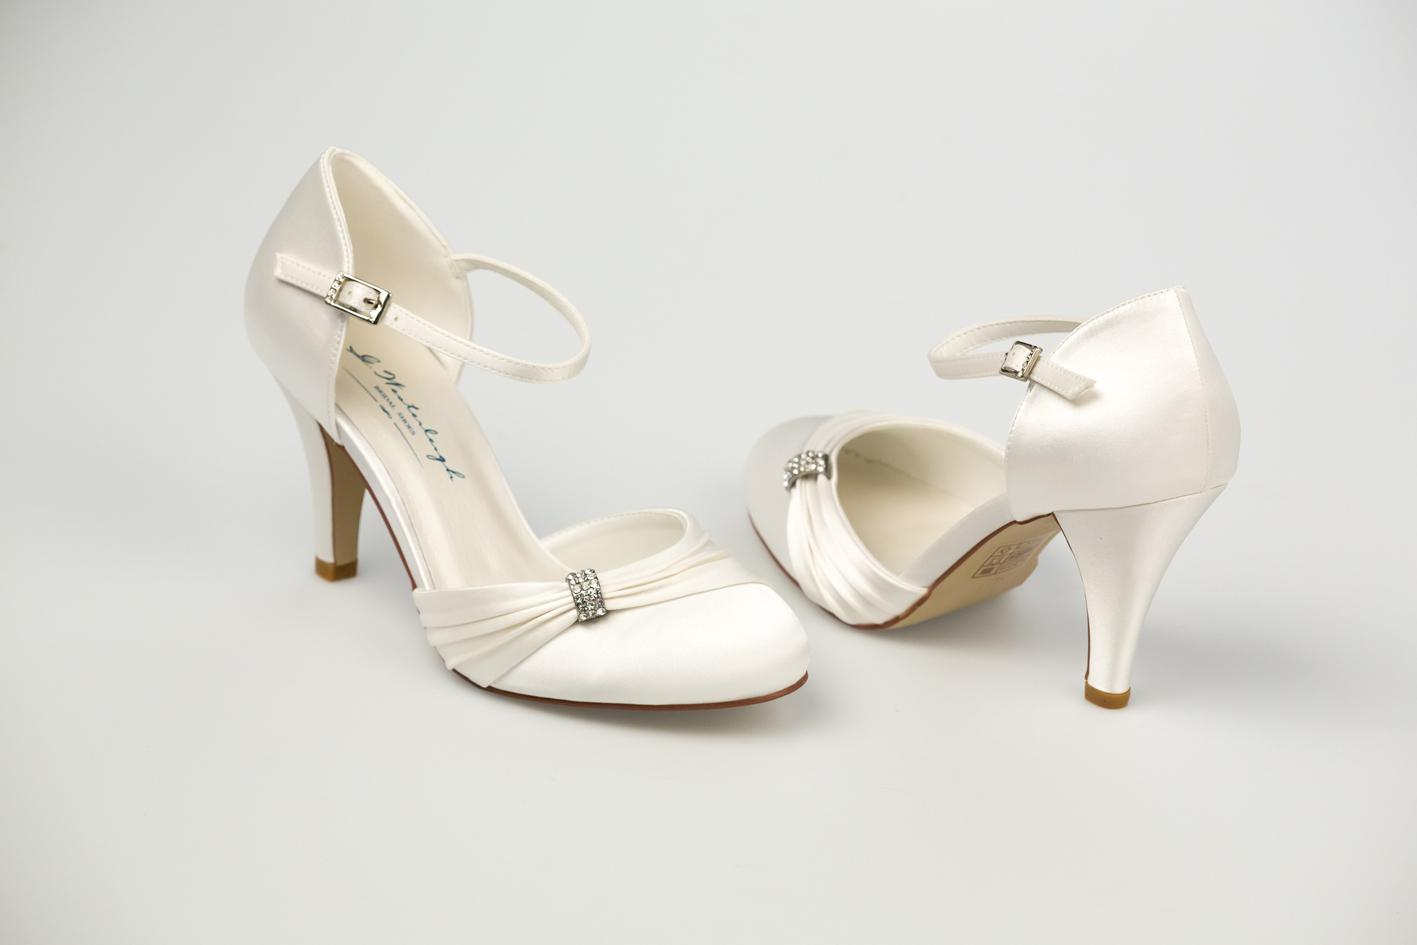 Svadobné topánky Sophie, G.Westerleigh - Obrázok č. 1